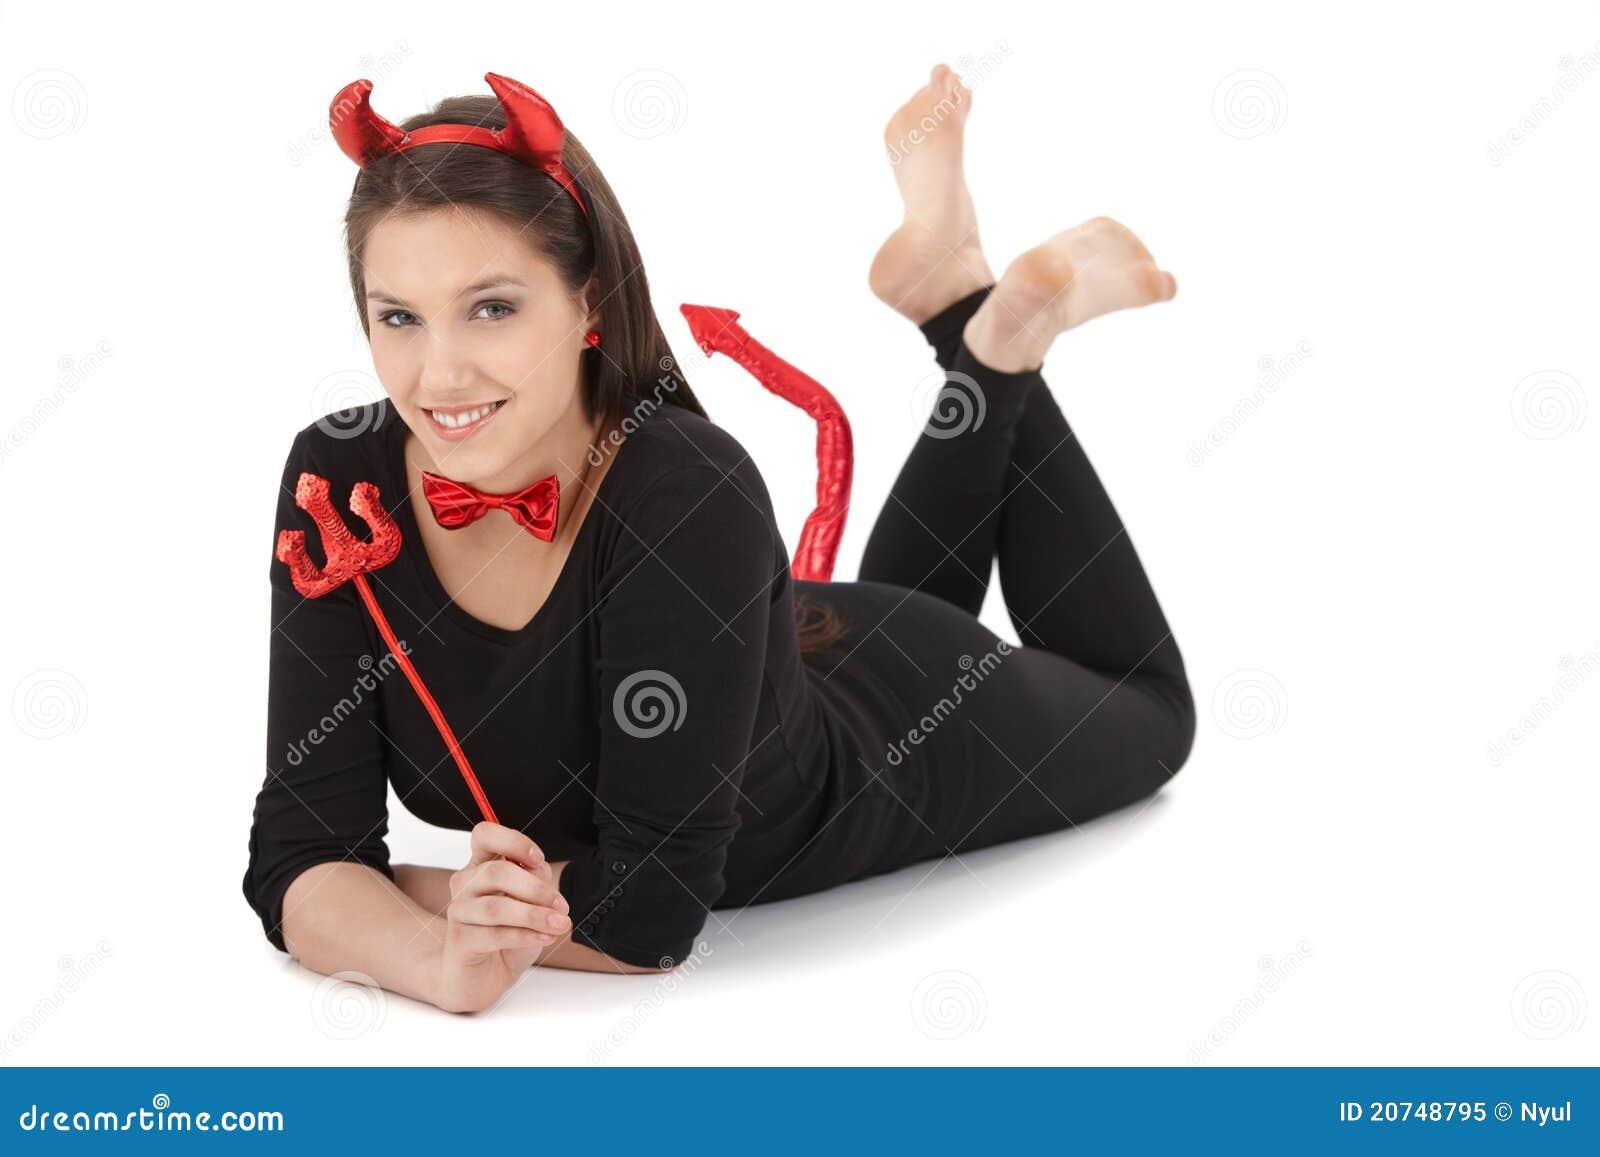 Pretty Girl In Devil Costume Smiling Royalty Free Stock